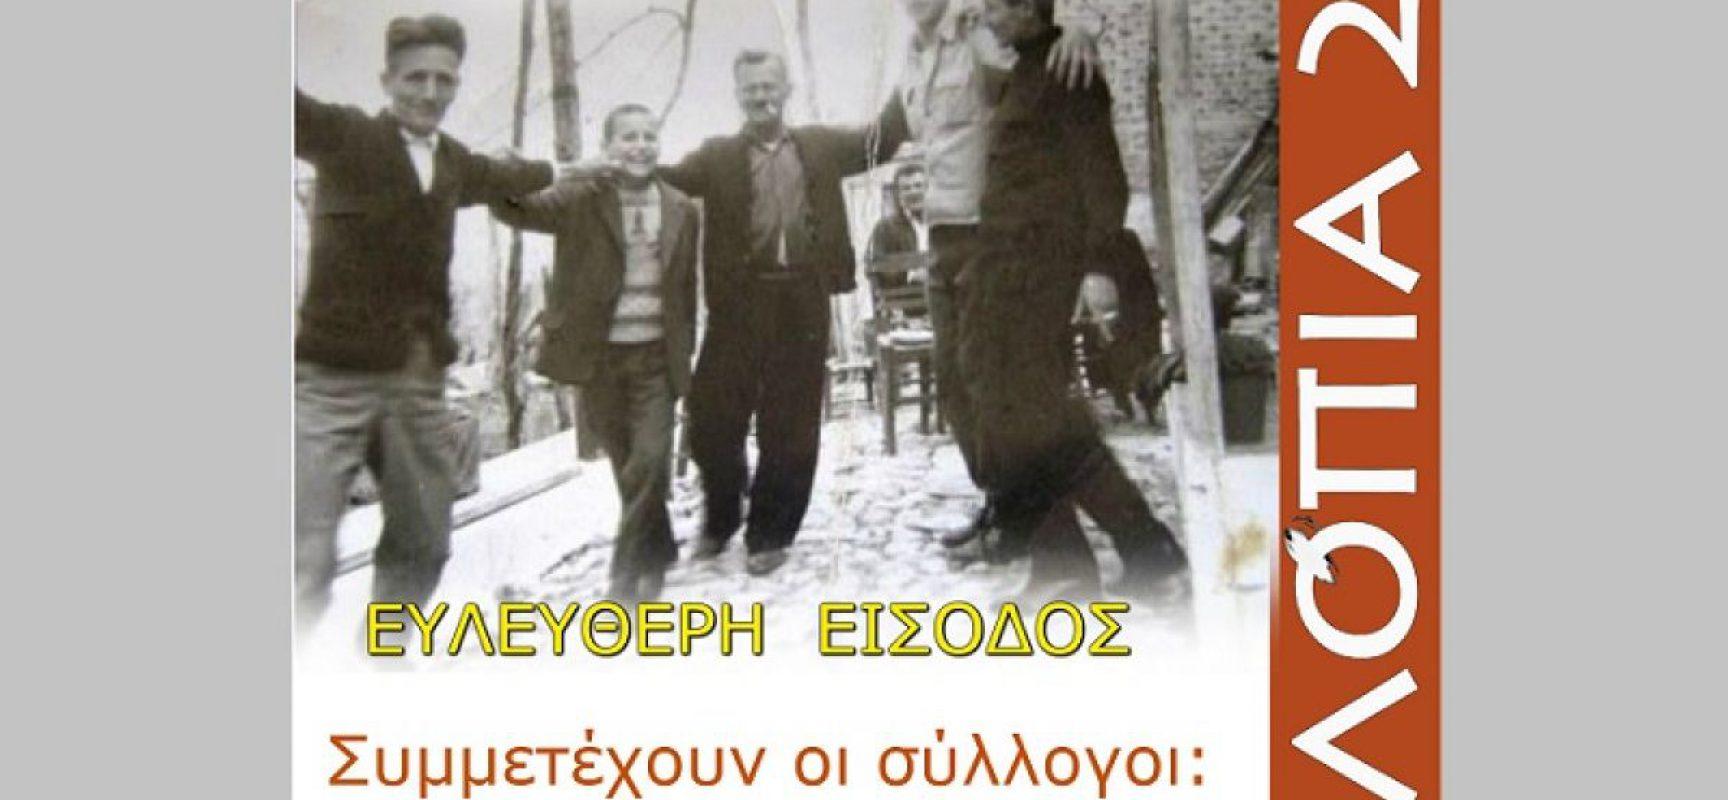 Βραδιά αντιφωνικού τραγουδιού στον Αϊ Γιάννη Σμοκόβου